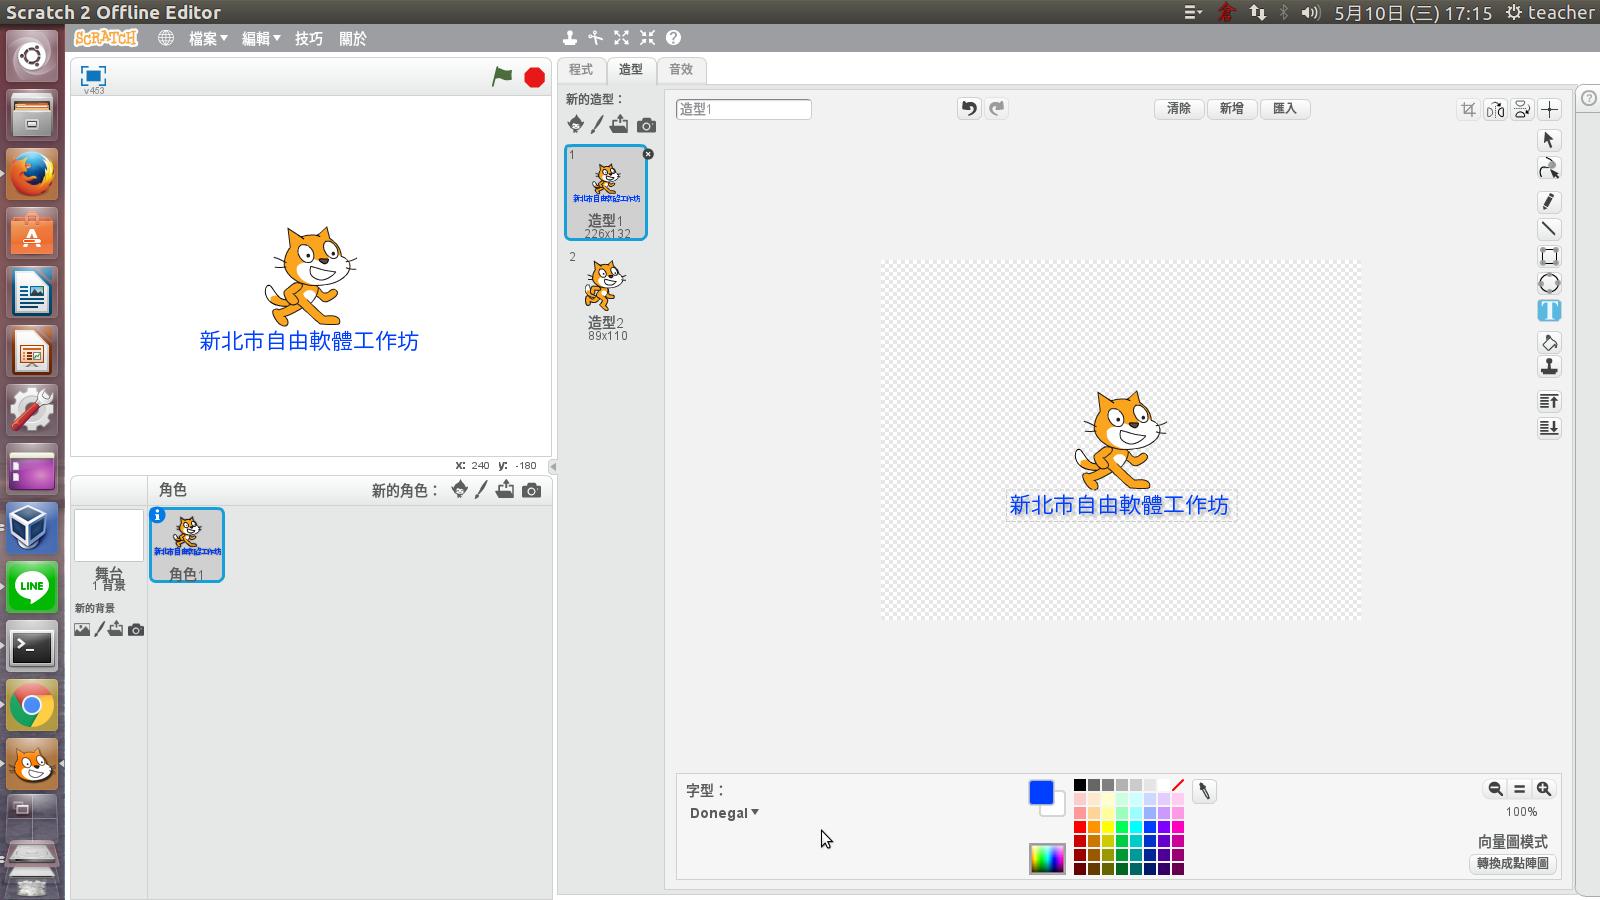 夢幻天地blog: scratch2背景輸入中文